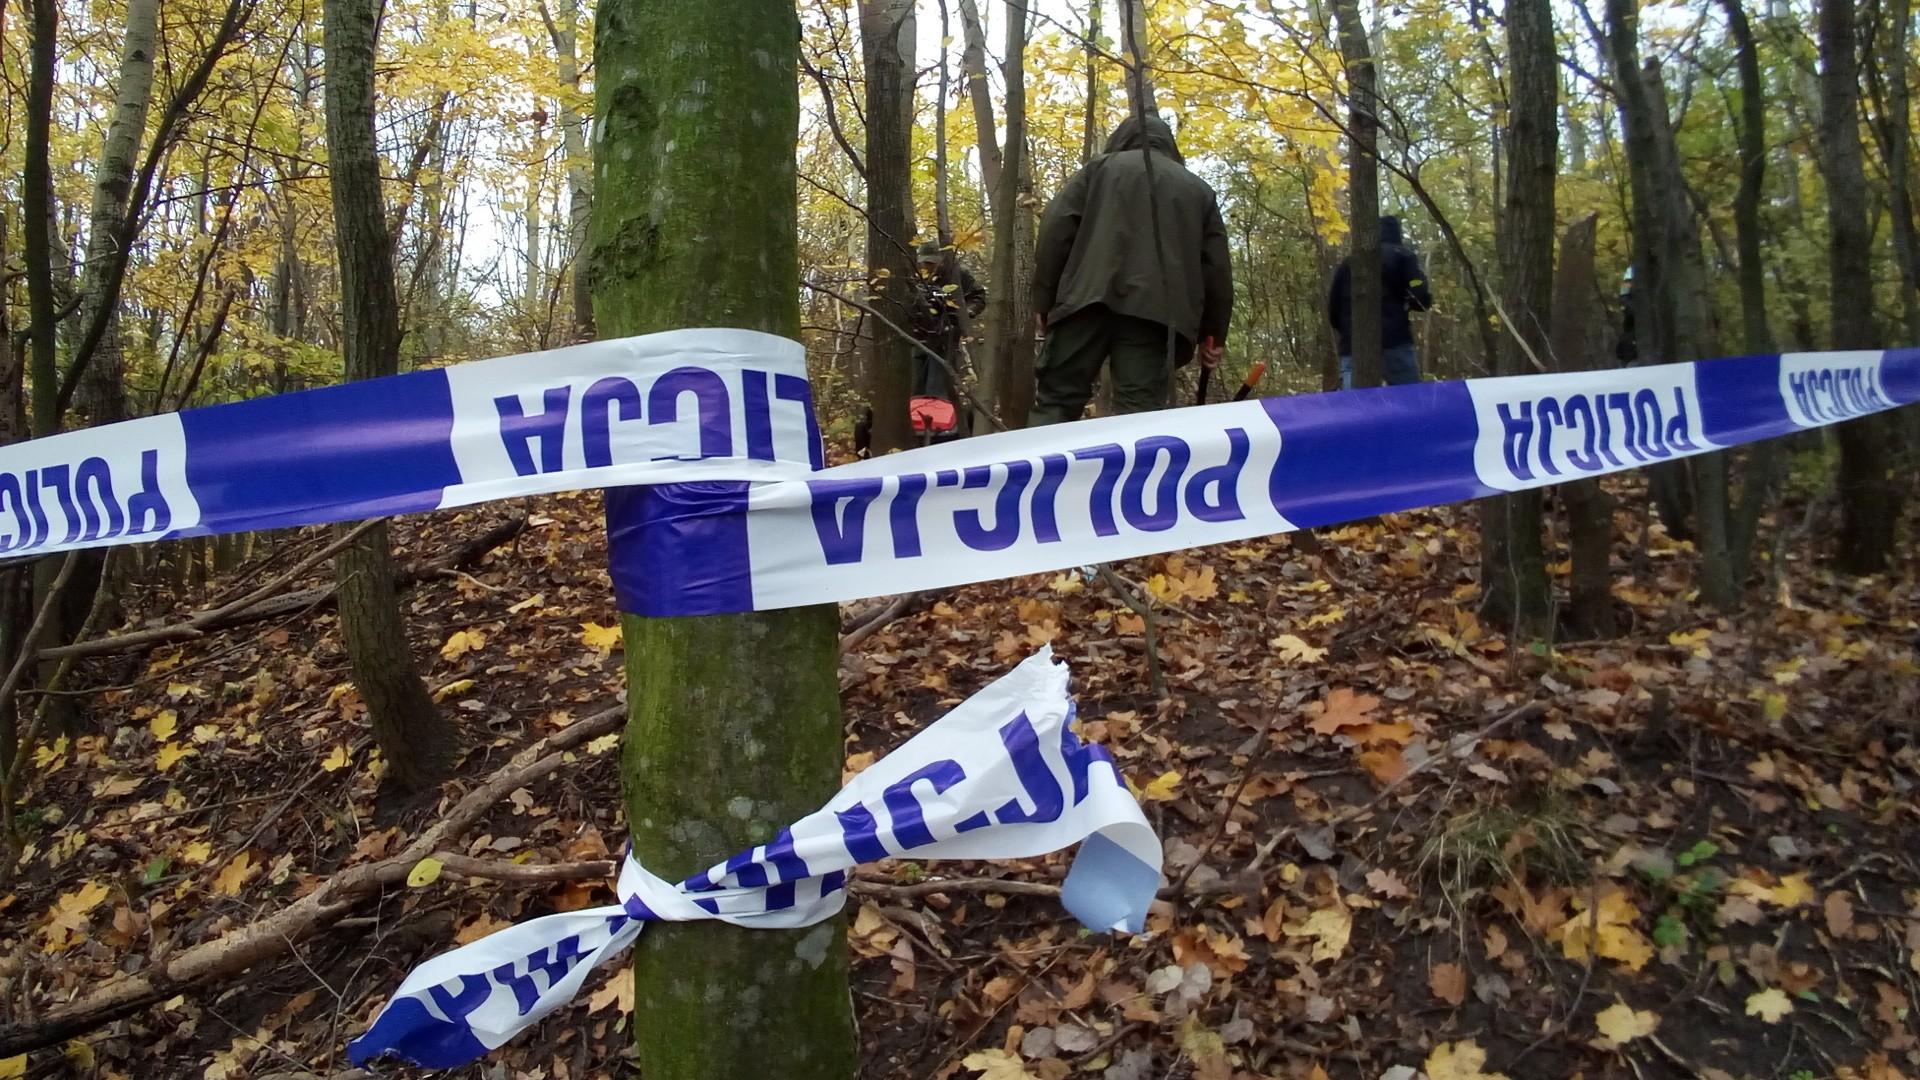 36f34da0 Kradzież szczątków Na Pomorzu. Kolejne dwa zarzuty dla złodzieja ludzkich  szczątków z Gdańska (1.01/11)